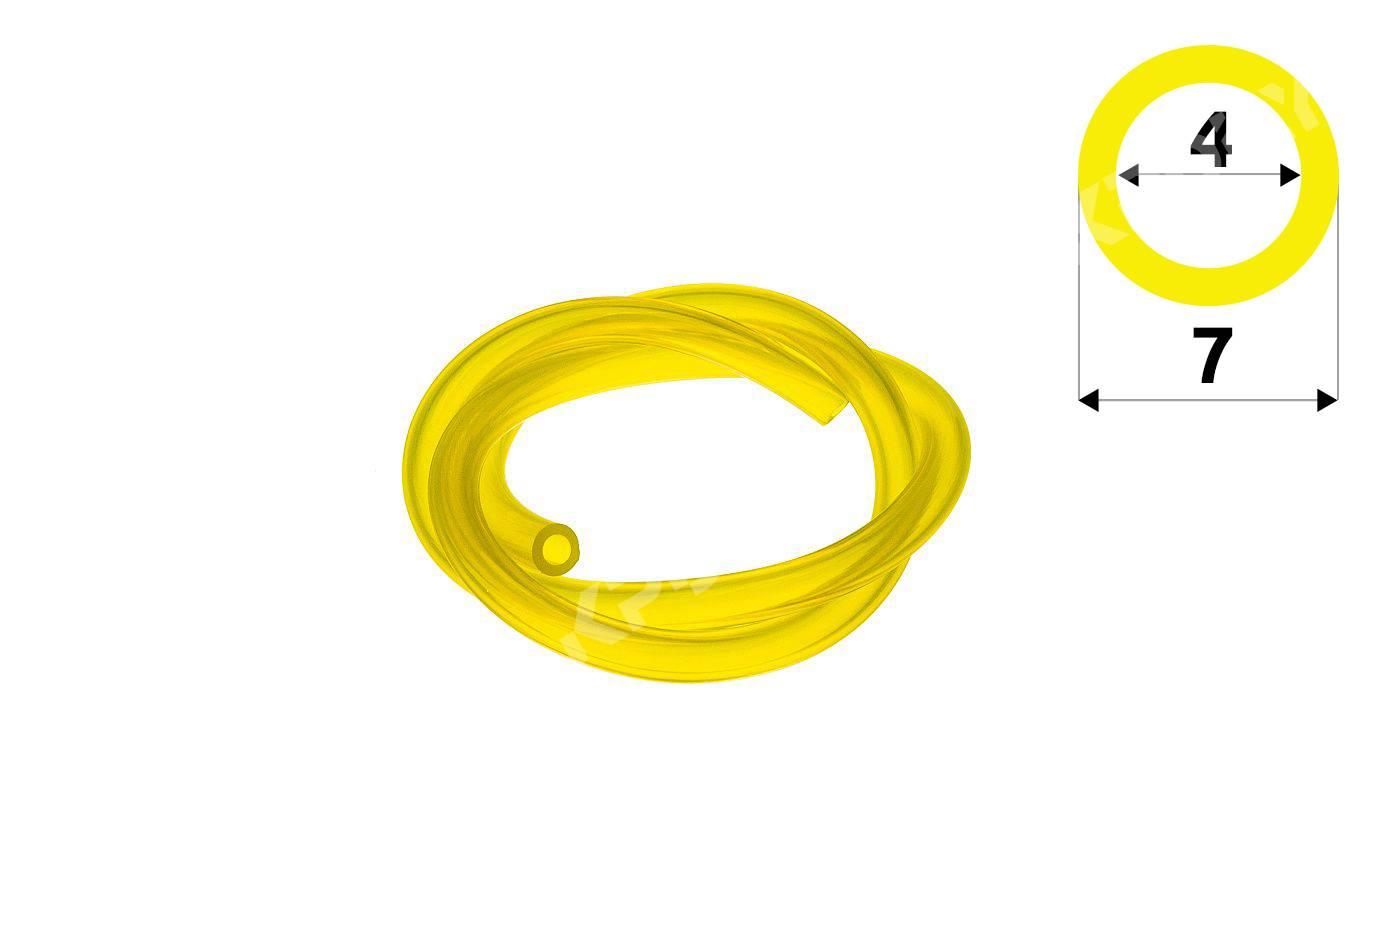 Palivová hadička 4 mm x 7 mm - 1 metr